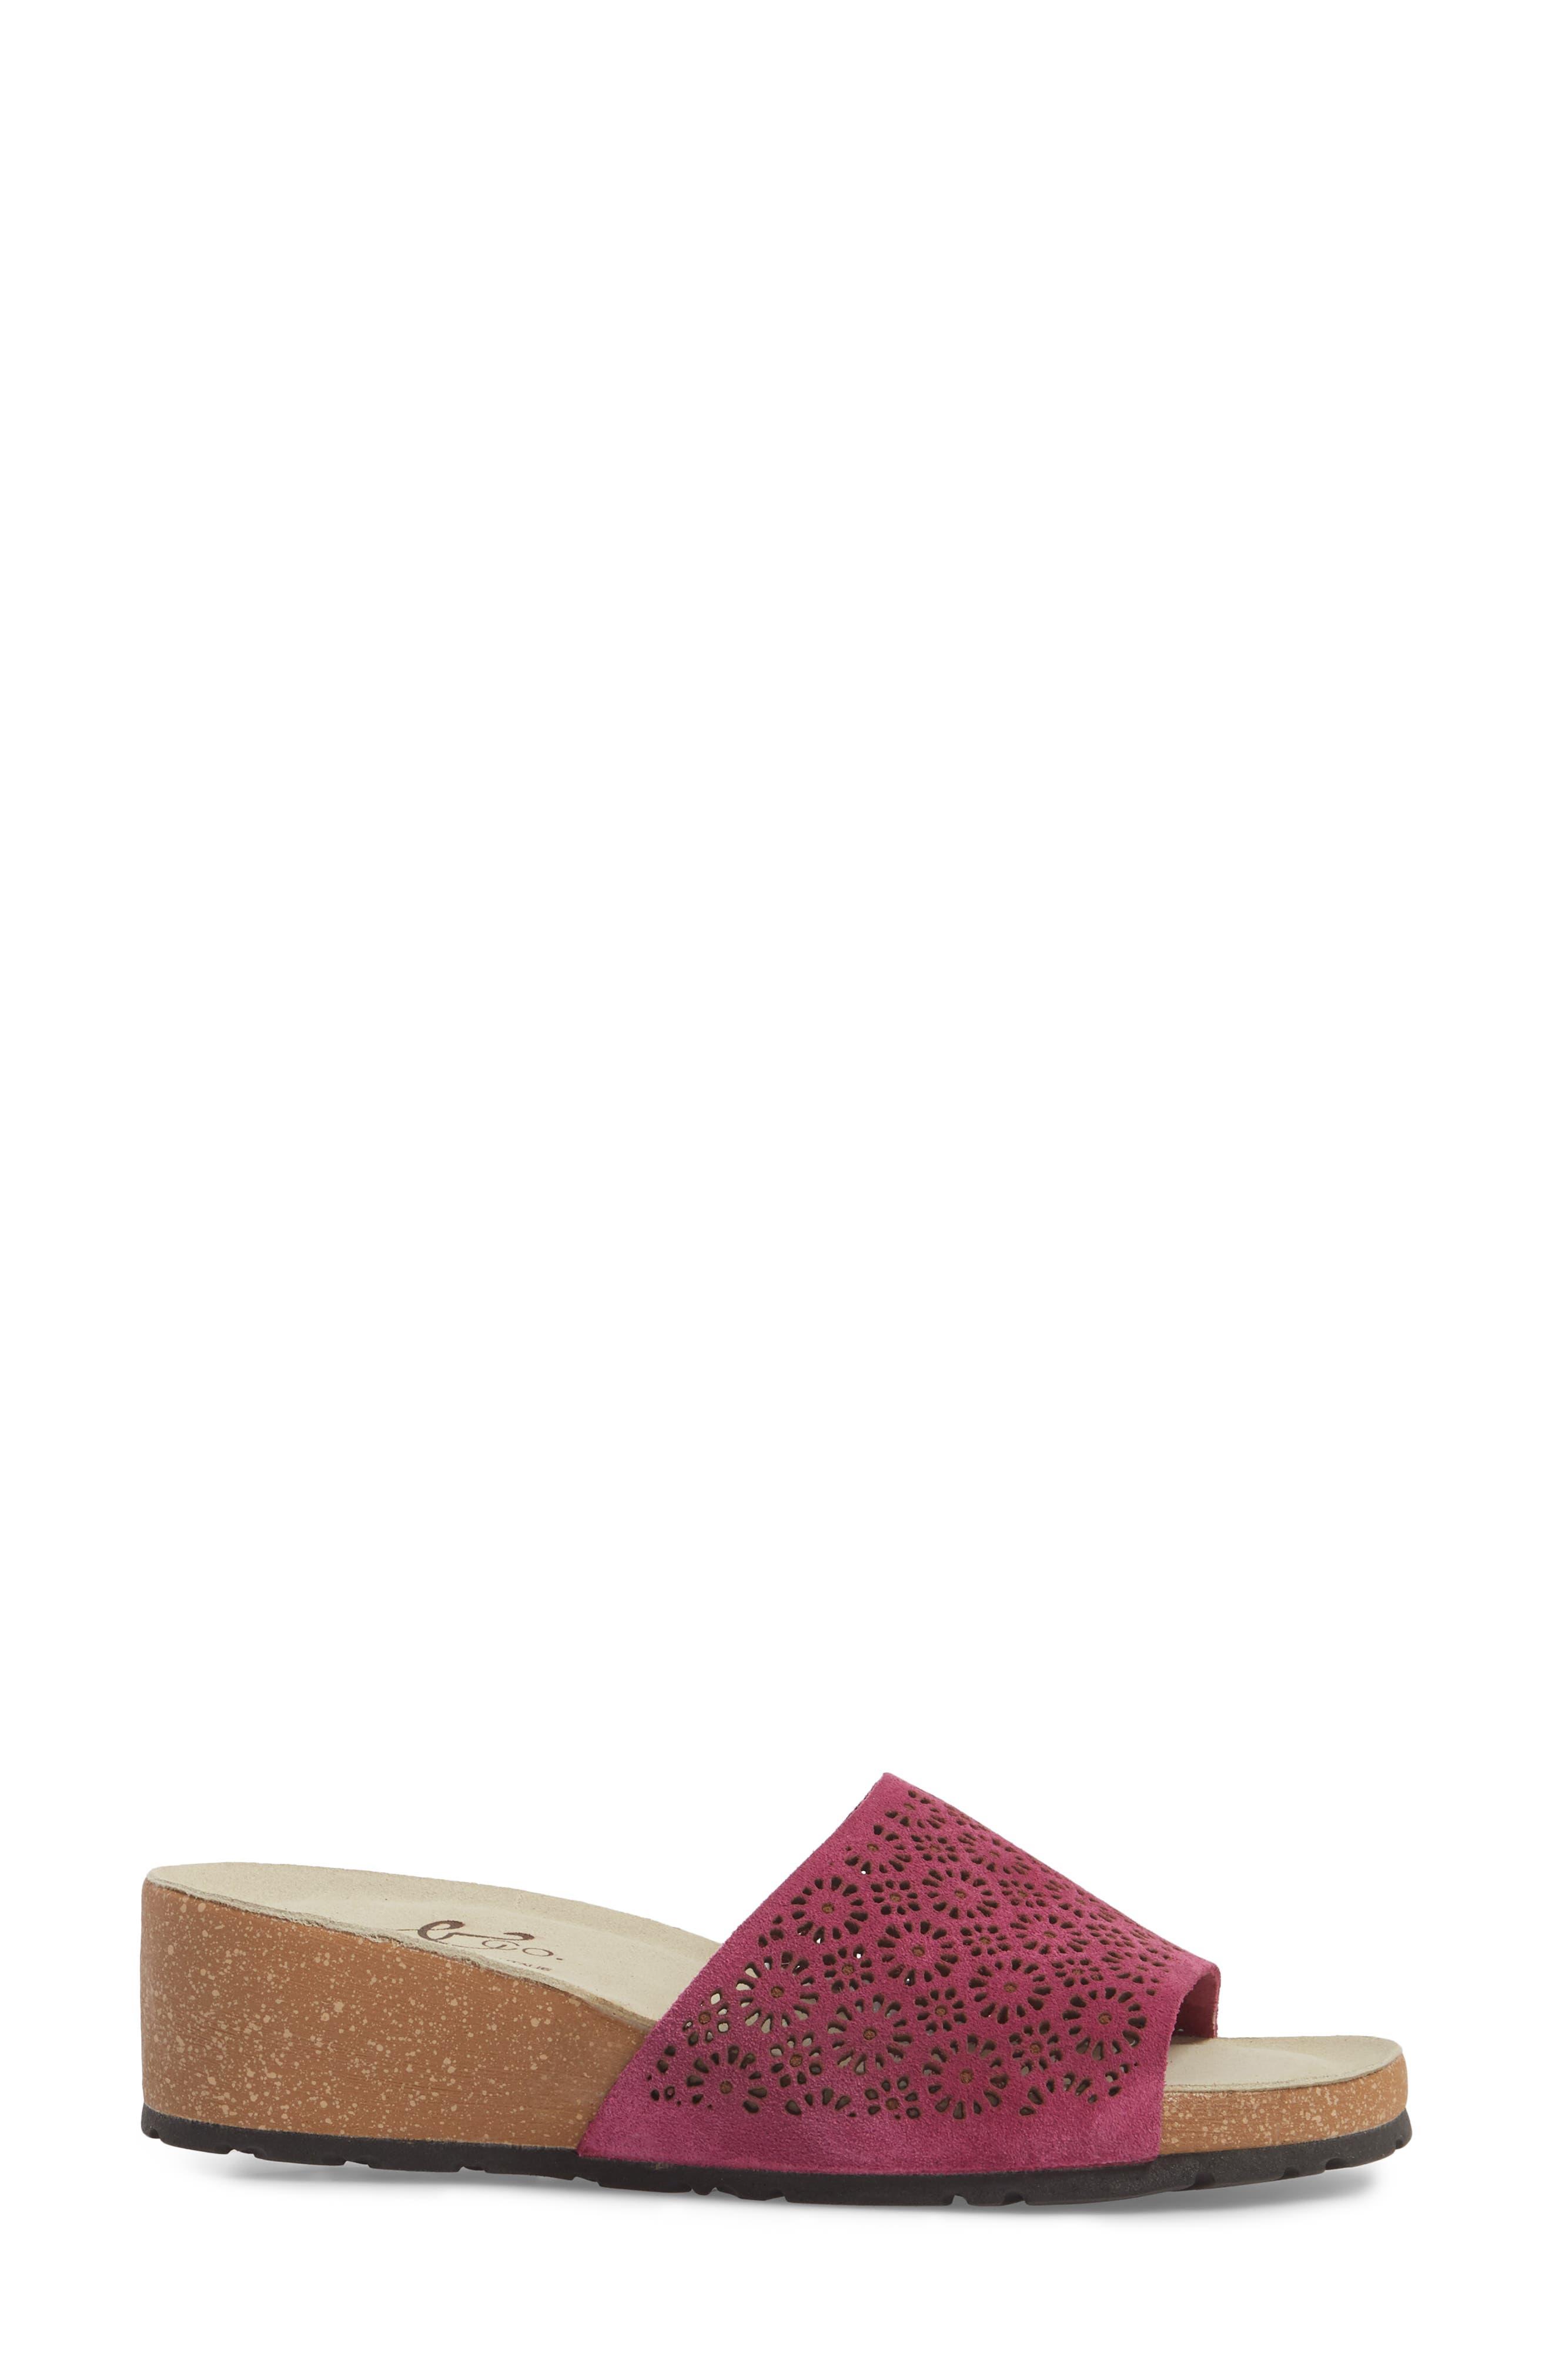 Loa Wedge Slide Sandal,                             Alternate thumbnail 3, color,                             Fuchsia Suede